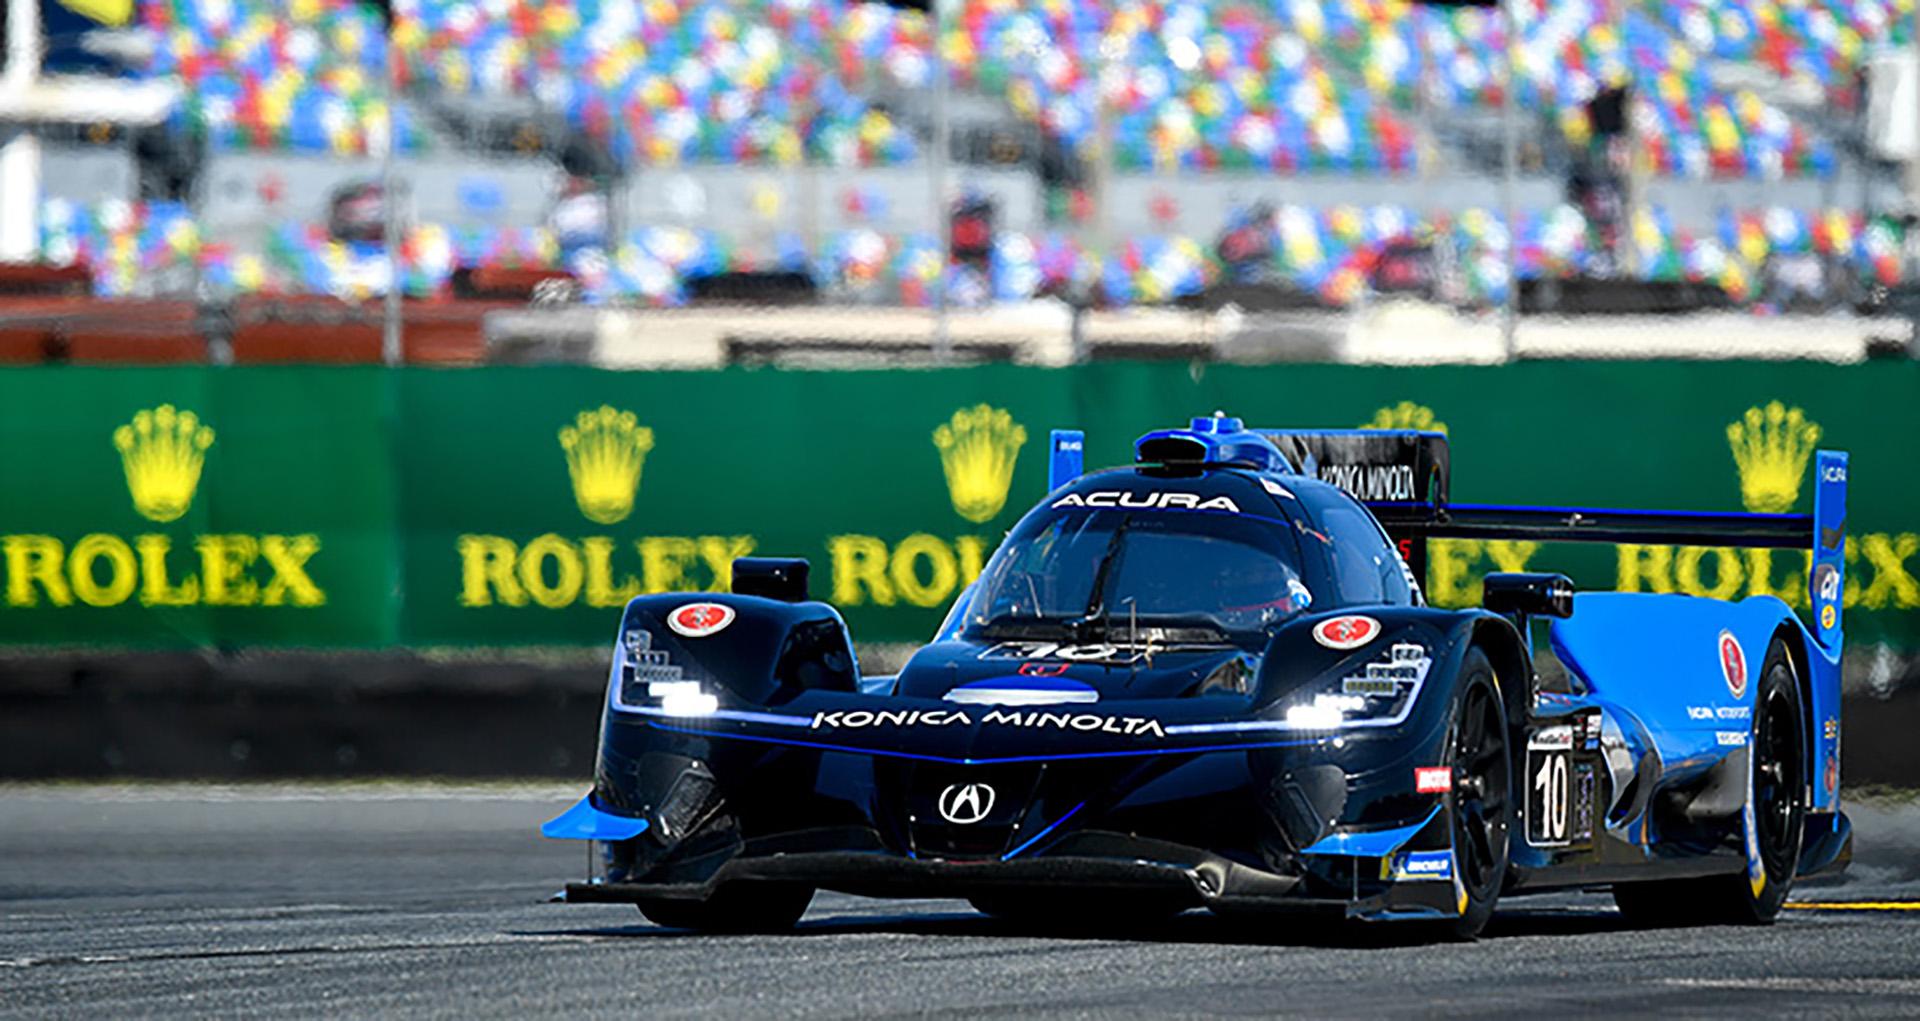 The Wayne Taylor Racing Acura wins at Daytona